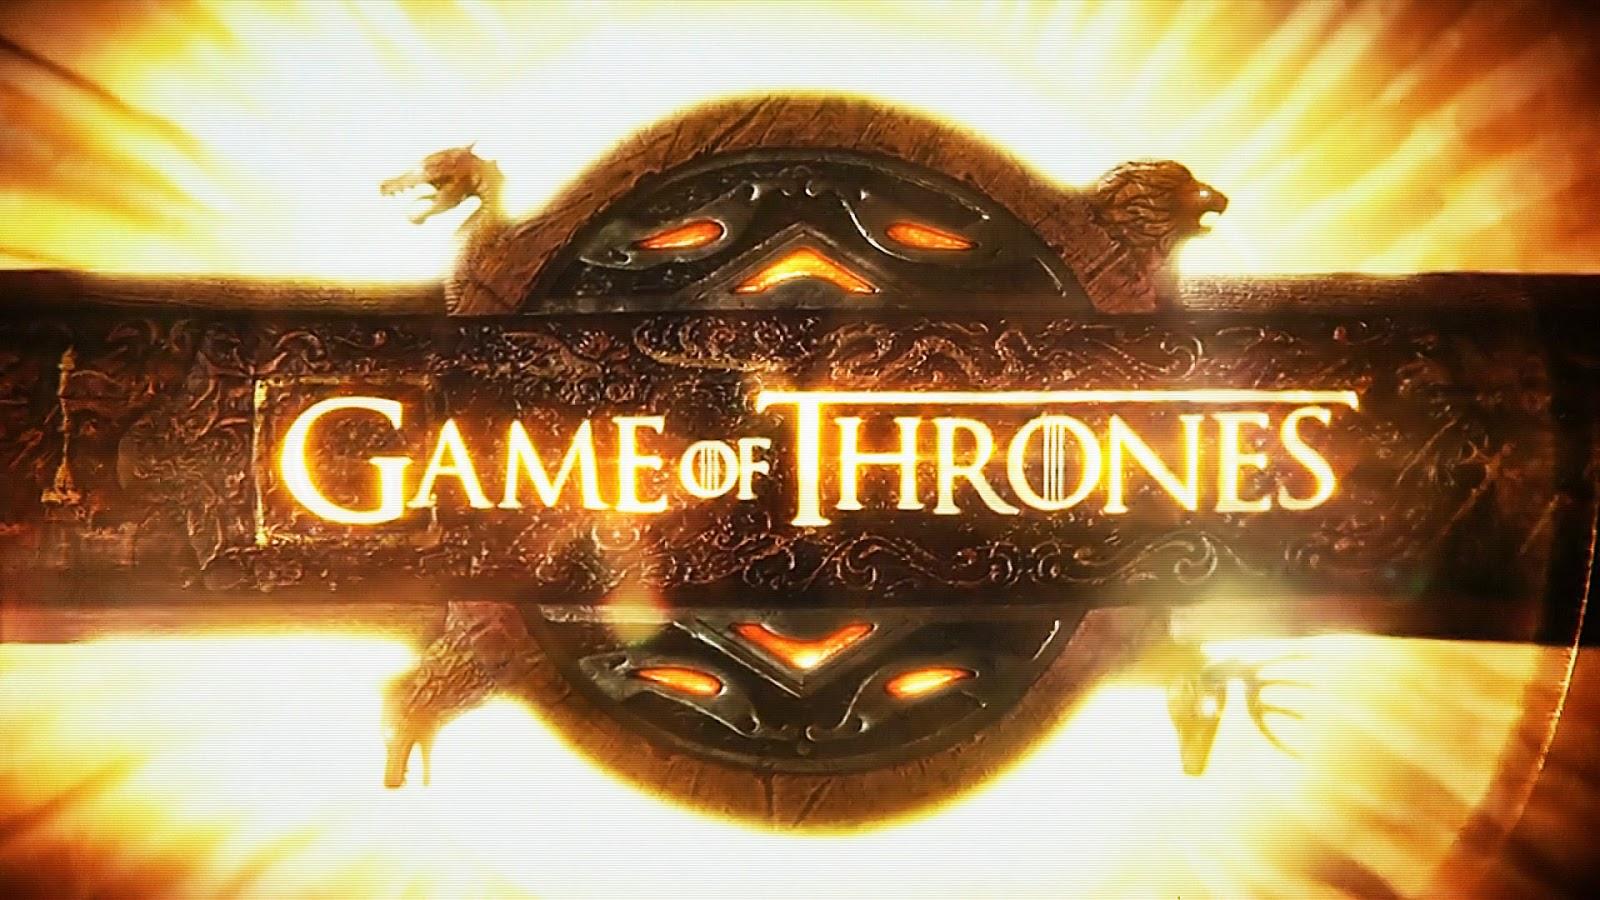 Desafio Game of Thrones